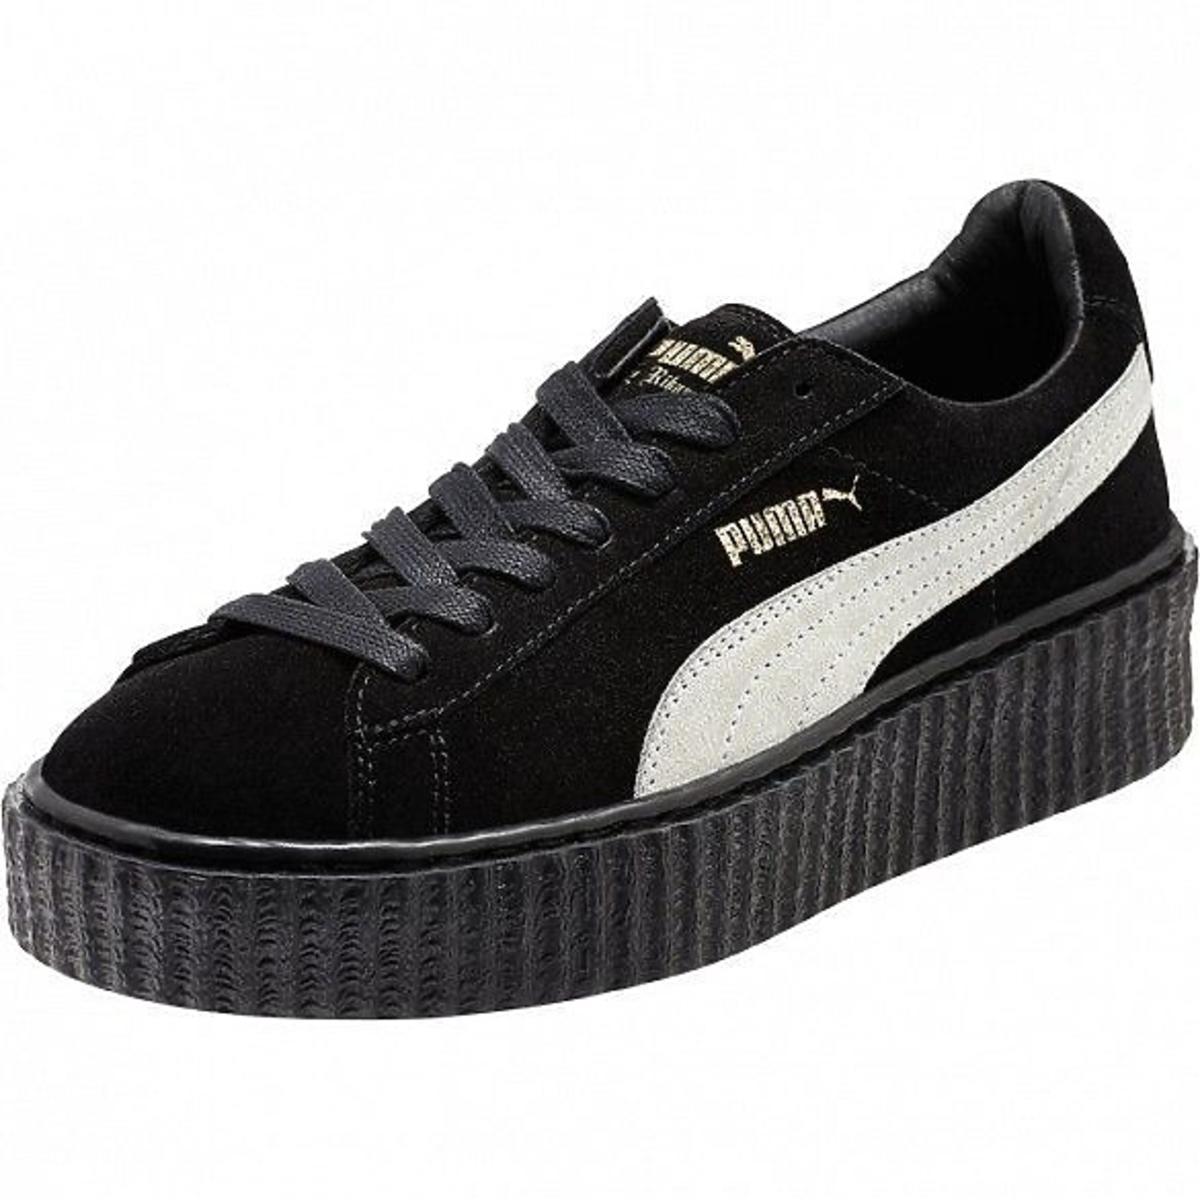 Czarne buty marki Puma